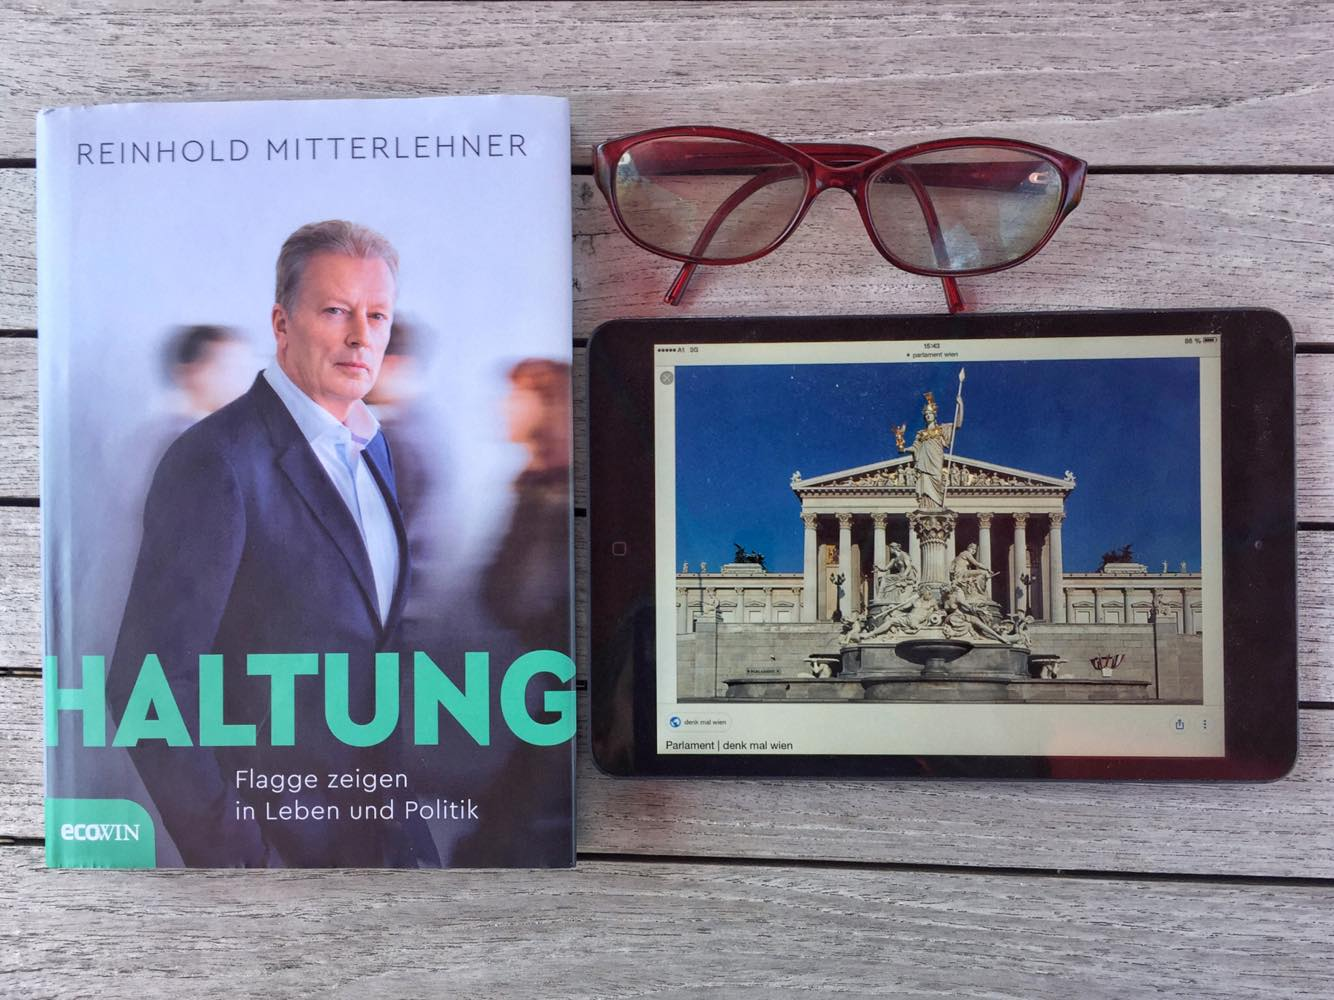 Haltung, Reinhold Mitterlehner , Bild (c) kekinwien.at